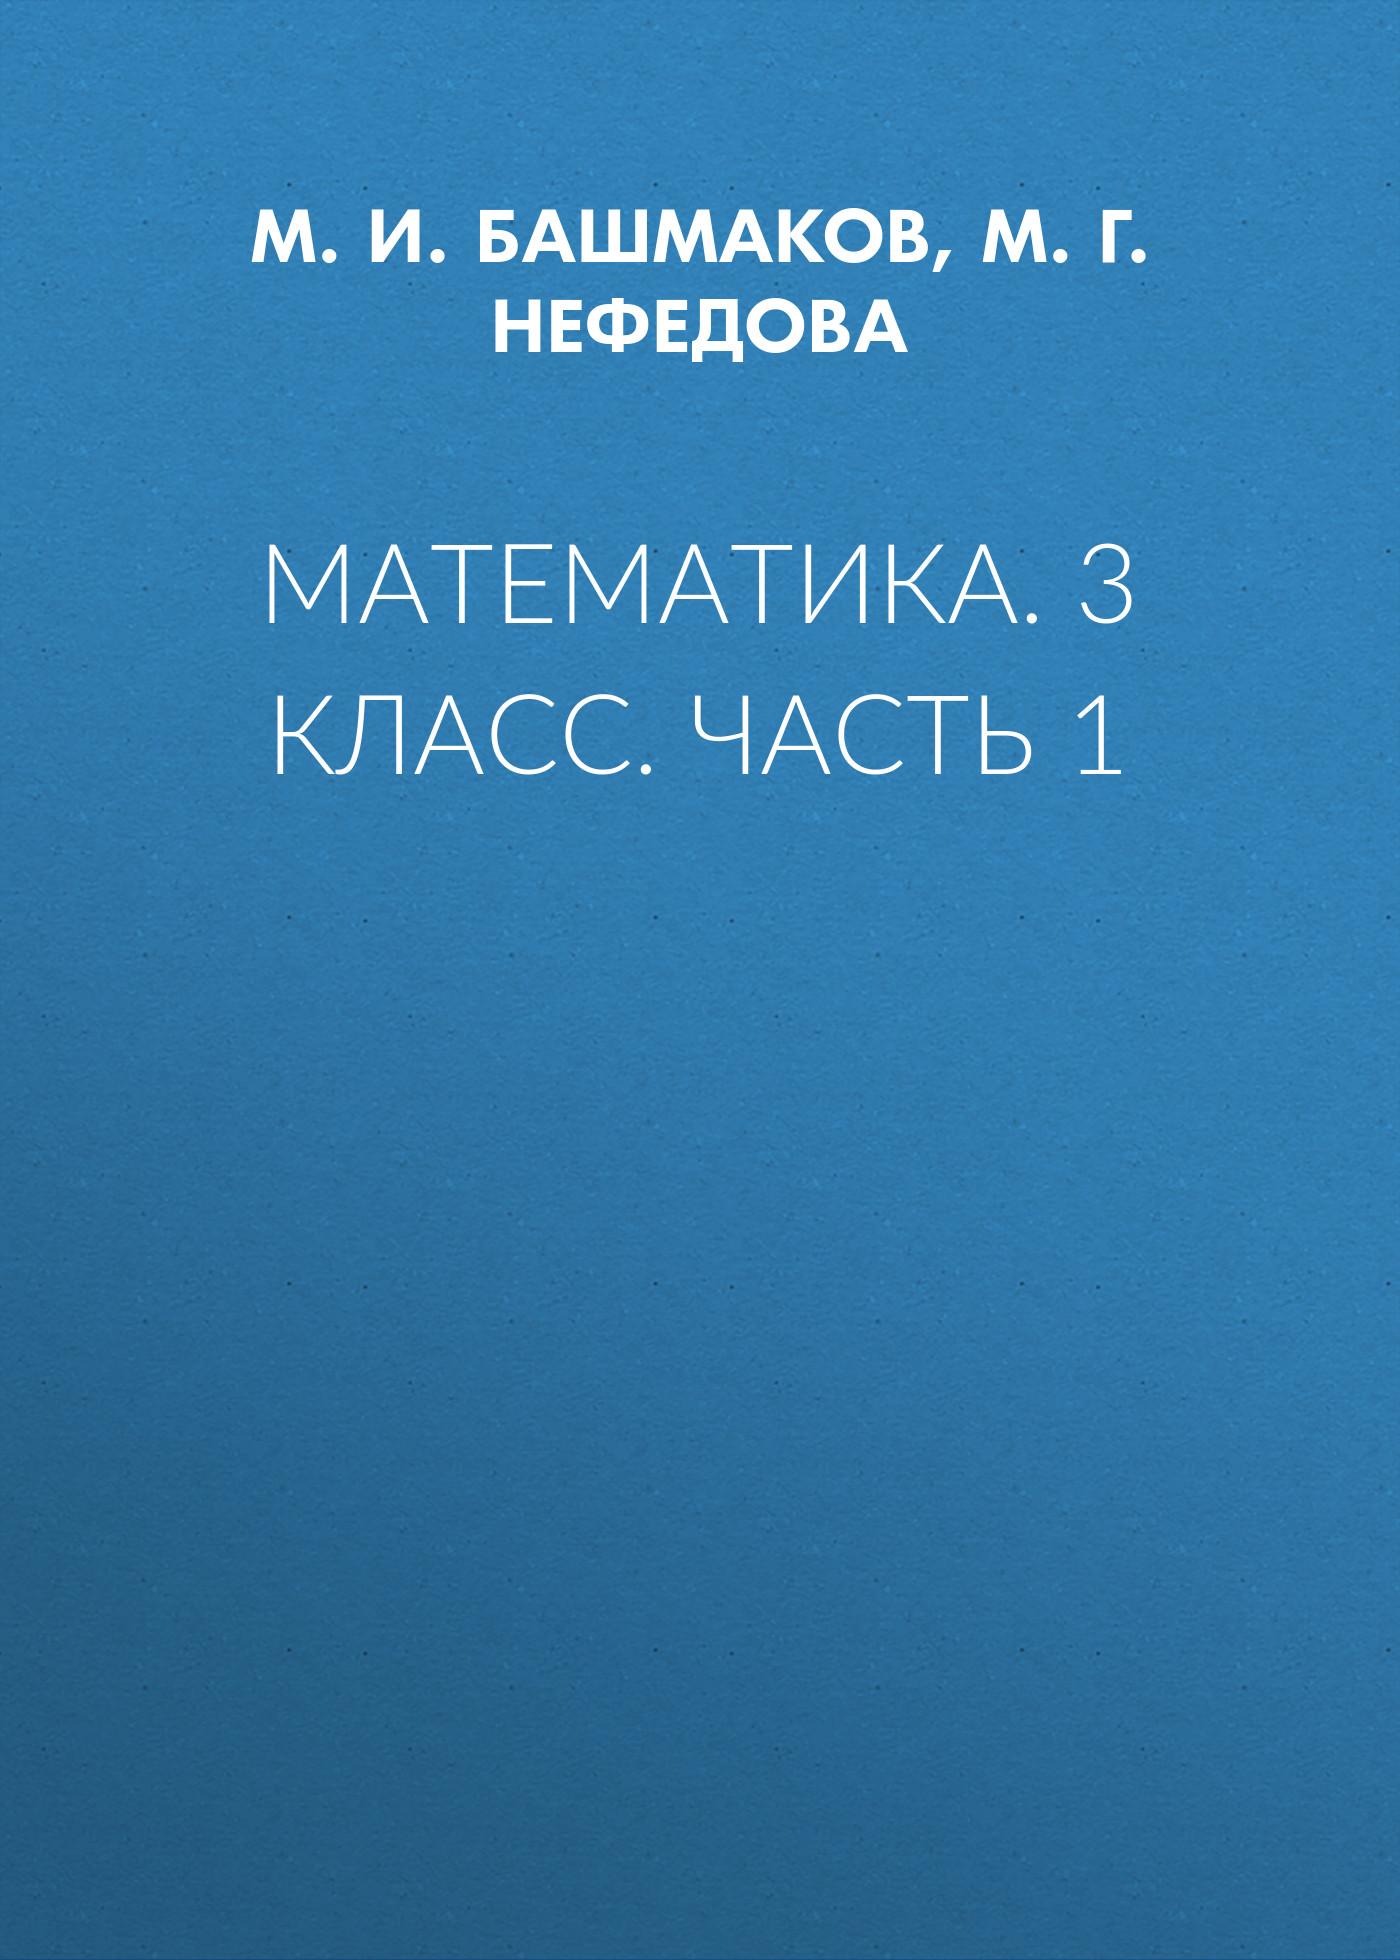 М. И. Башмаков Математика. 3 класс. Часть 1 федеральный государственный образовательный стандарт начального общего образования